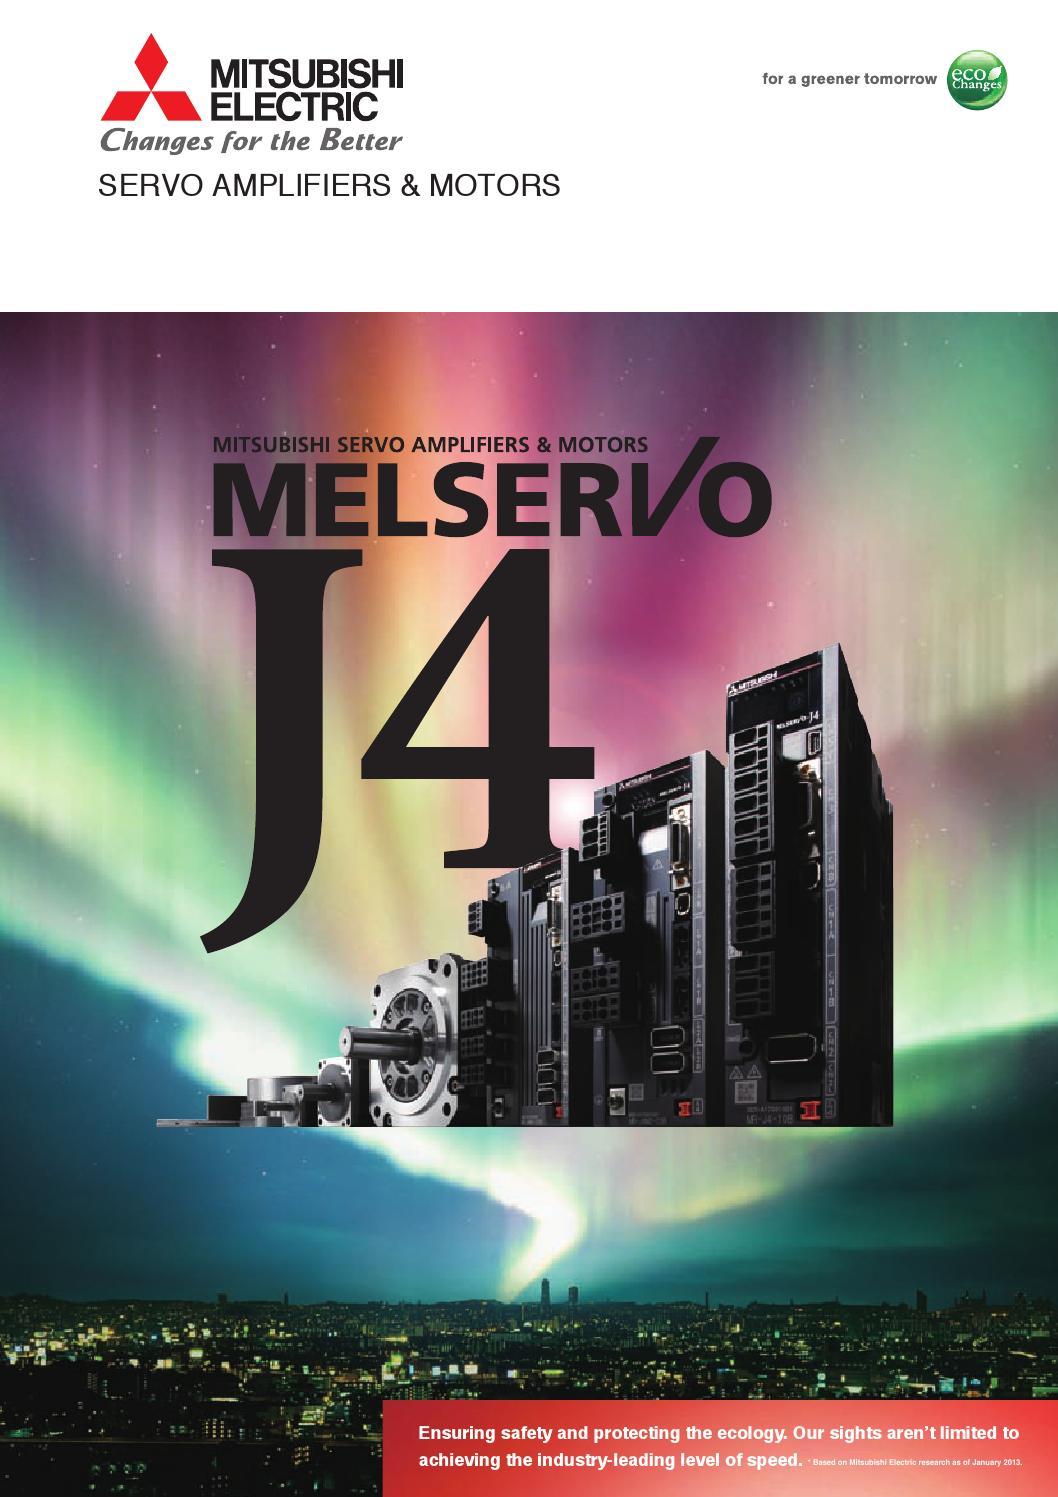 Mr j4 servo brochure